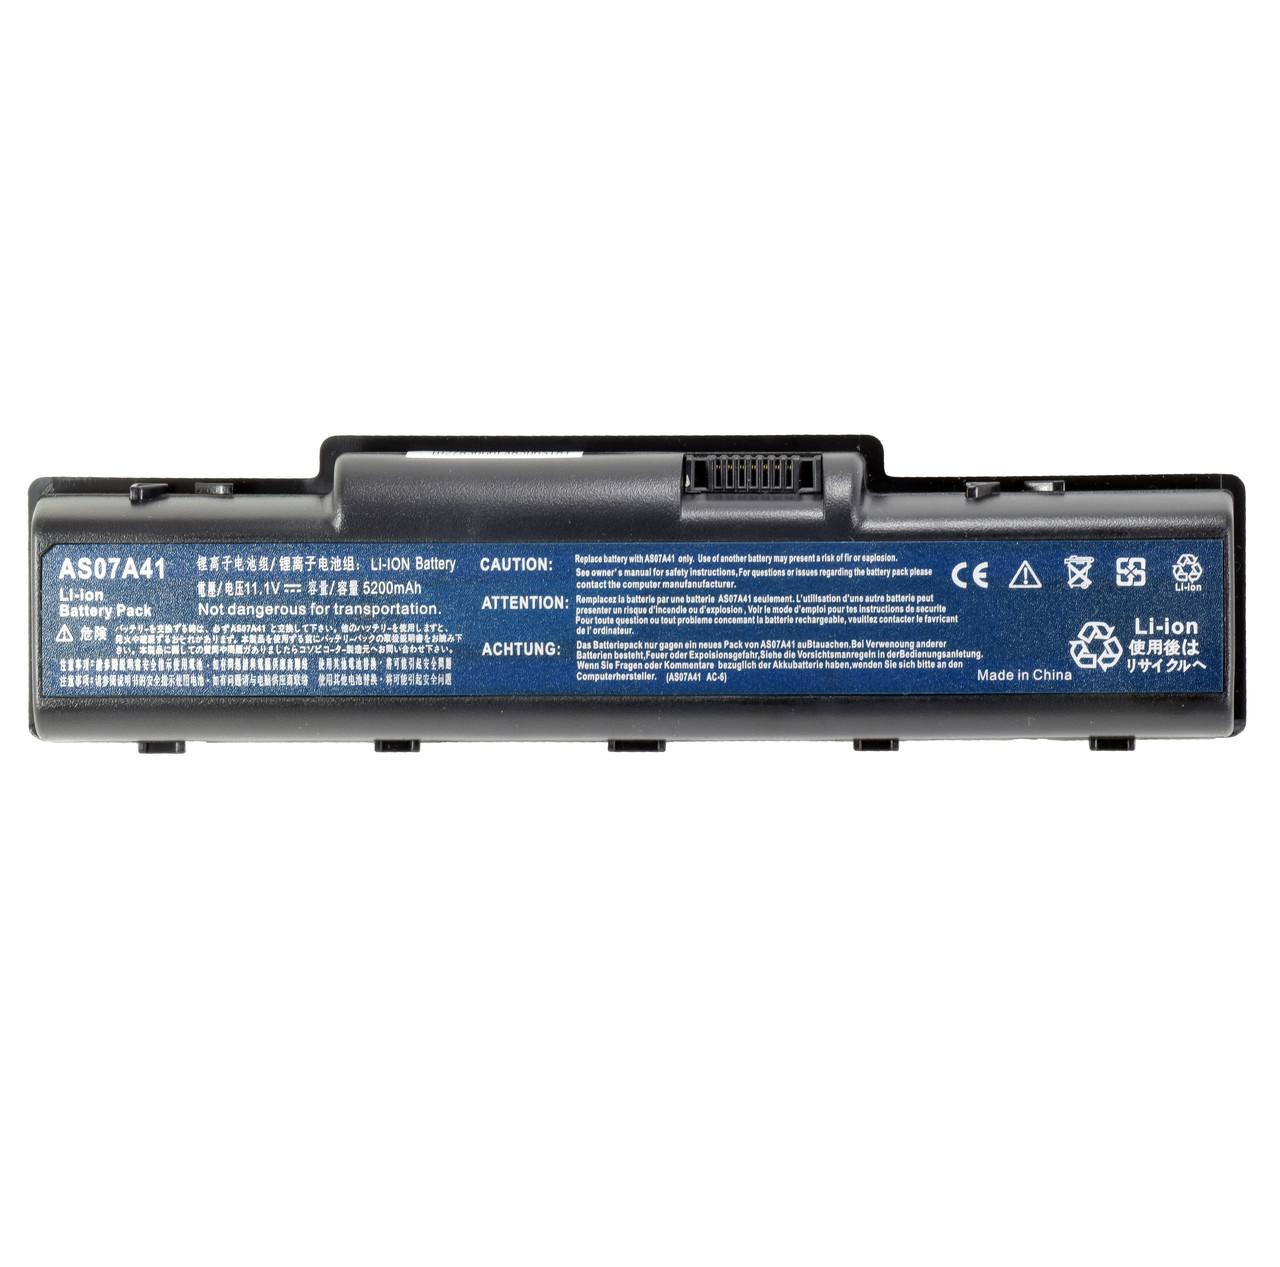 Батарея для ноутбука AS07A71 AS07A72 AS07A75 BT.00603.036 BT.00603.037 BT.00603.076 BT.00604.022